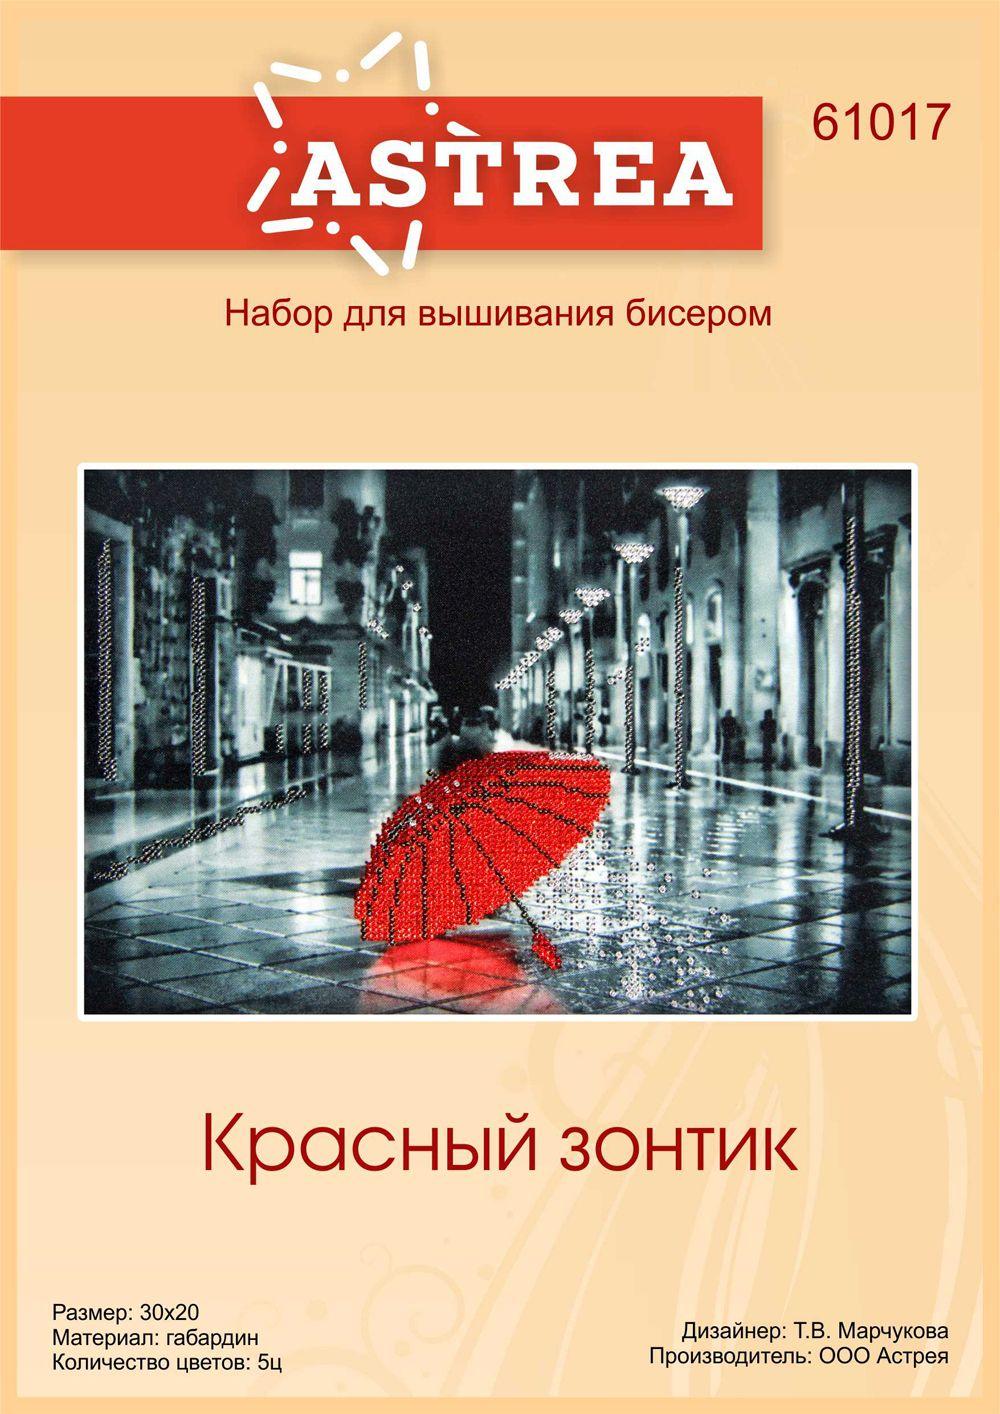 61017 Набор для вышивания бисером Astrea 'Красный зонтик', 30х20 см